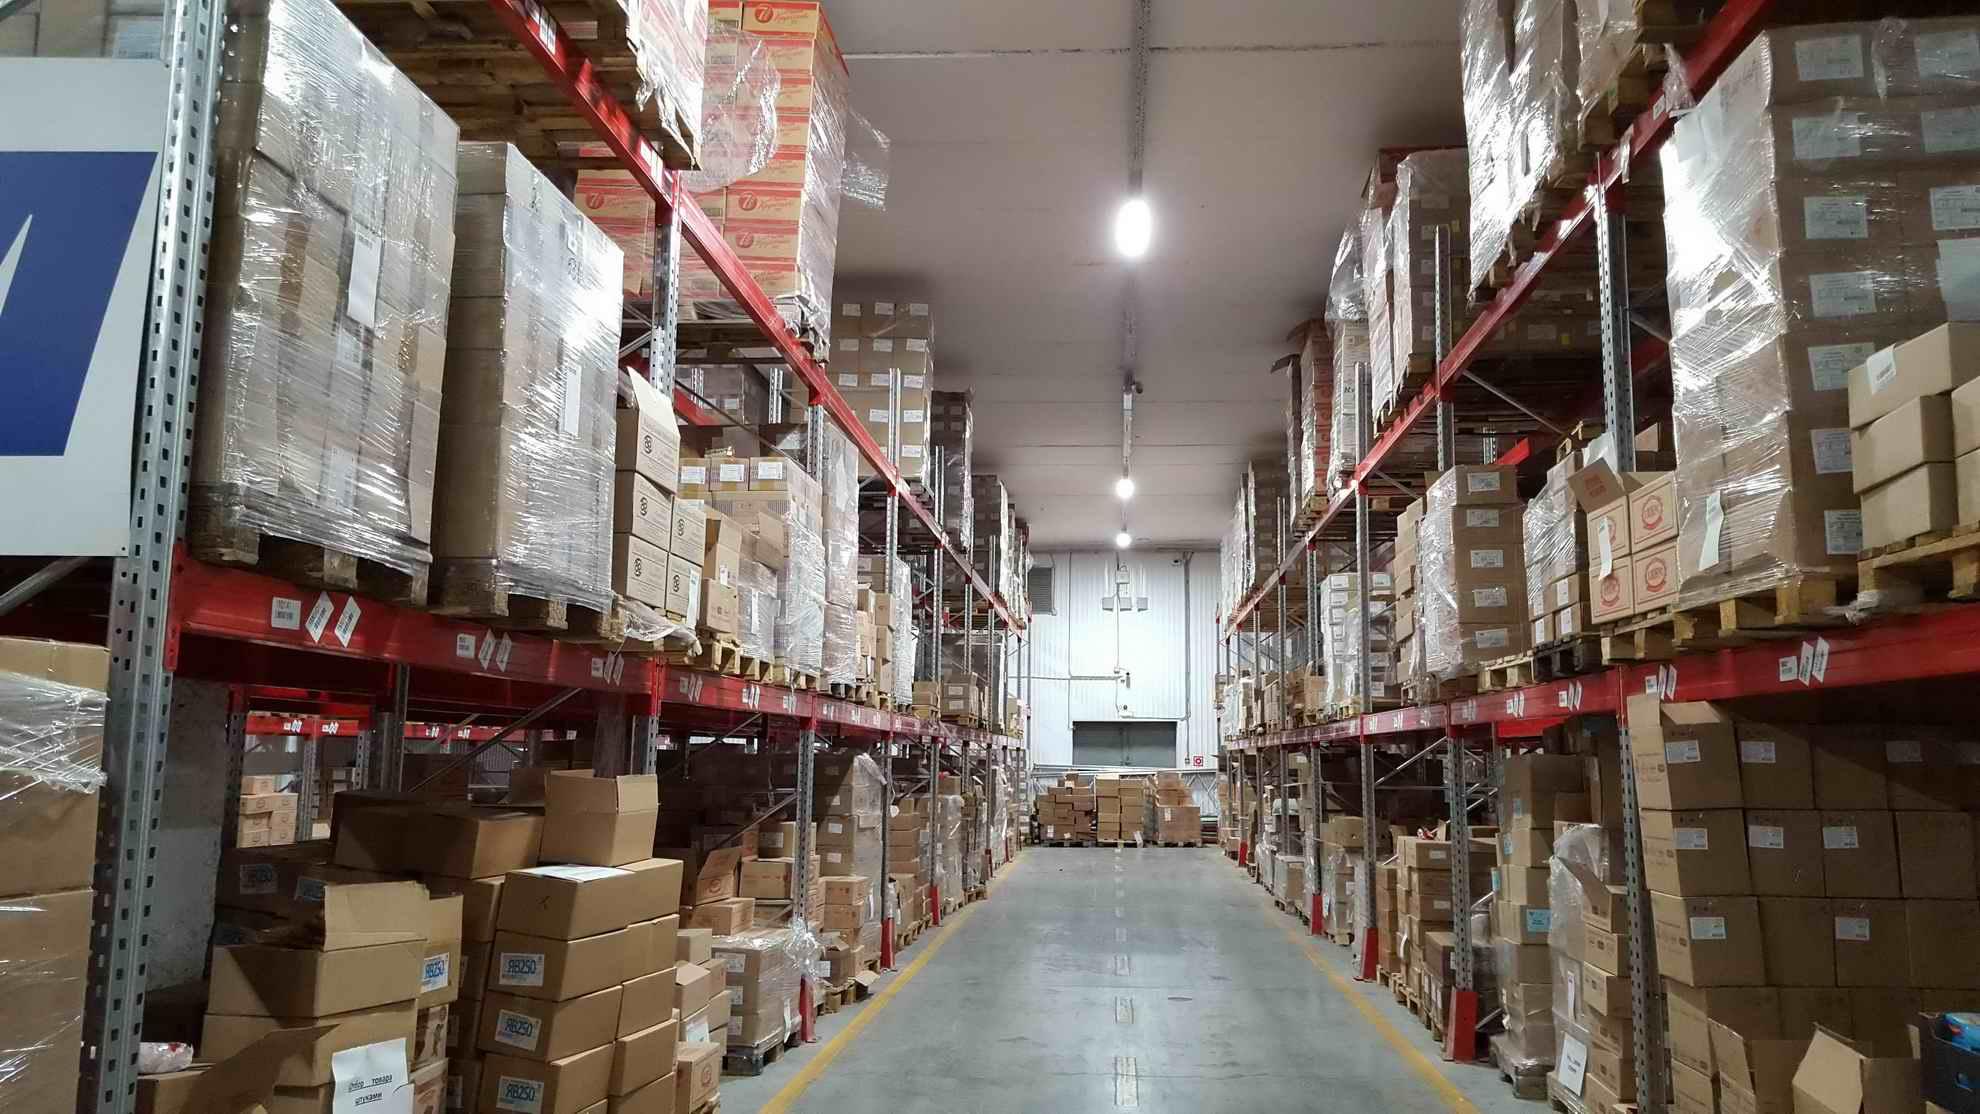 инструкция по хранению и размещению складских товаров